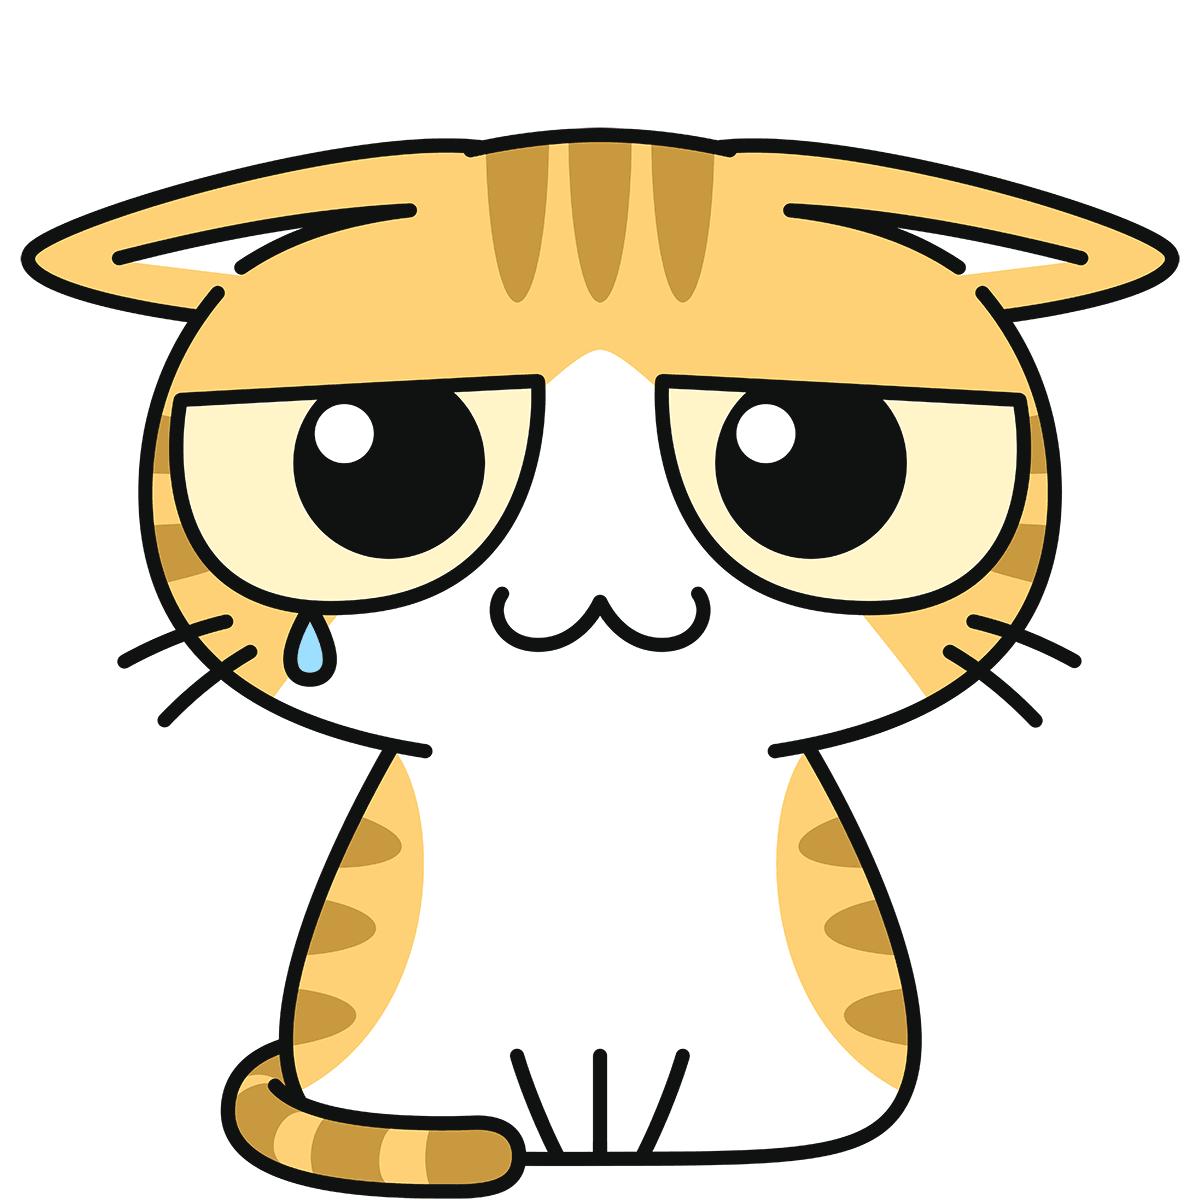 茶白猫(怯える)の無料イラスト